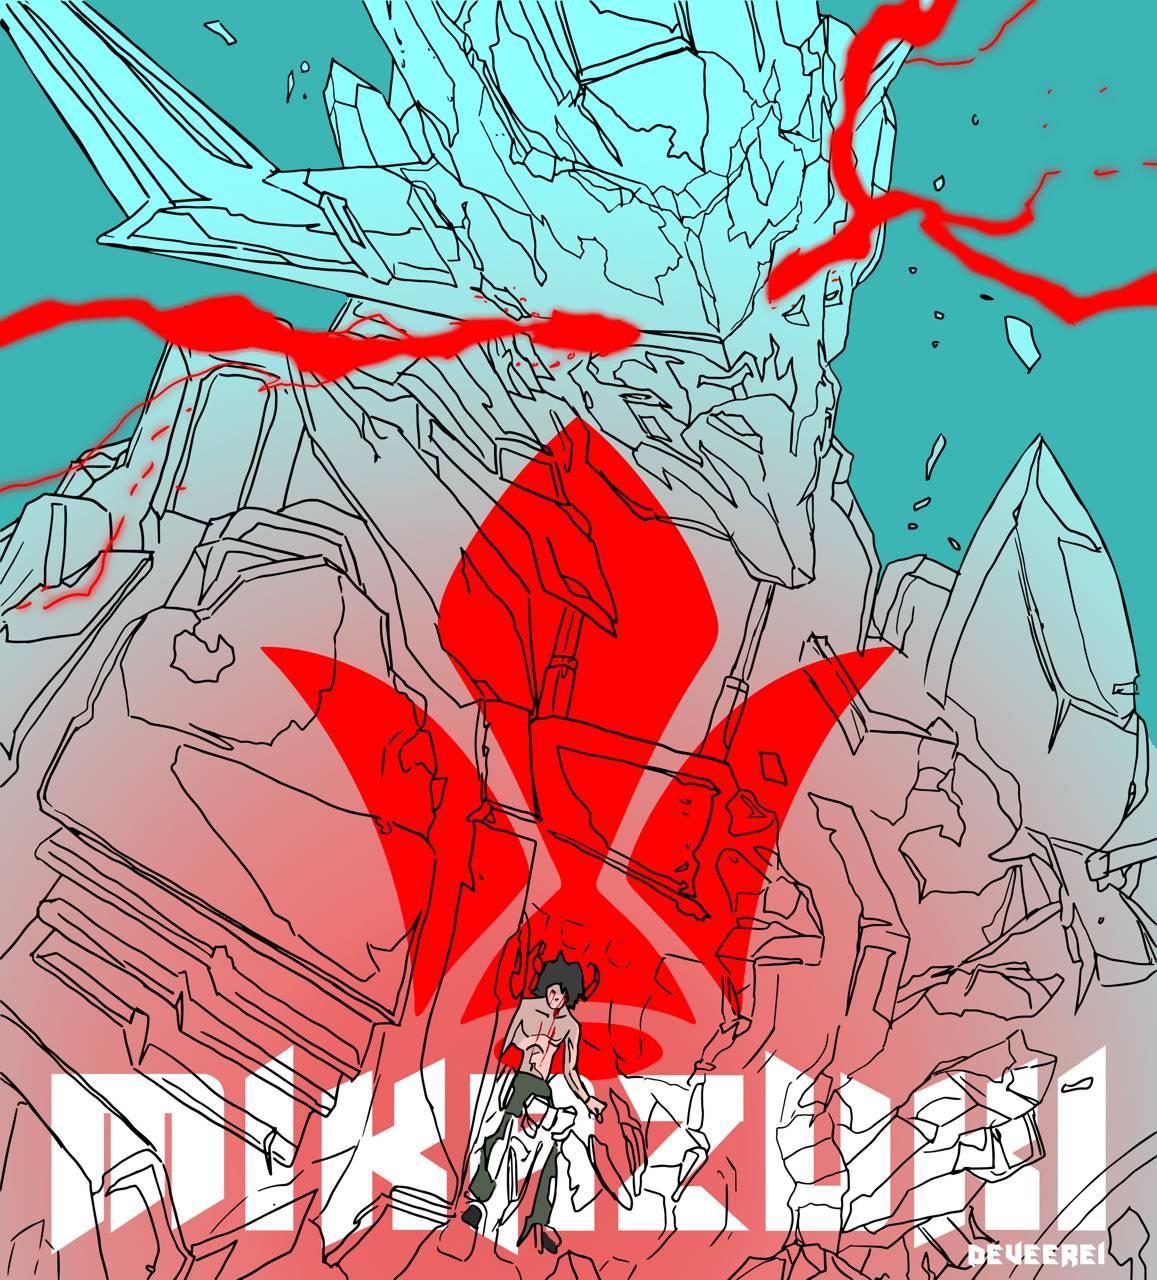 Mikazuki Death